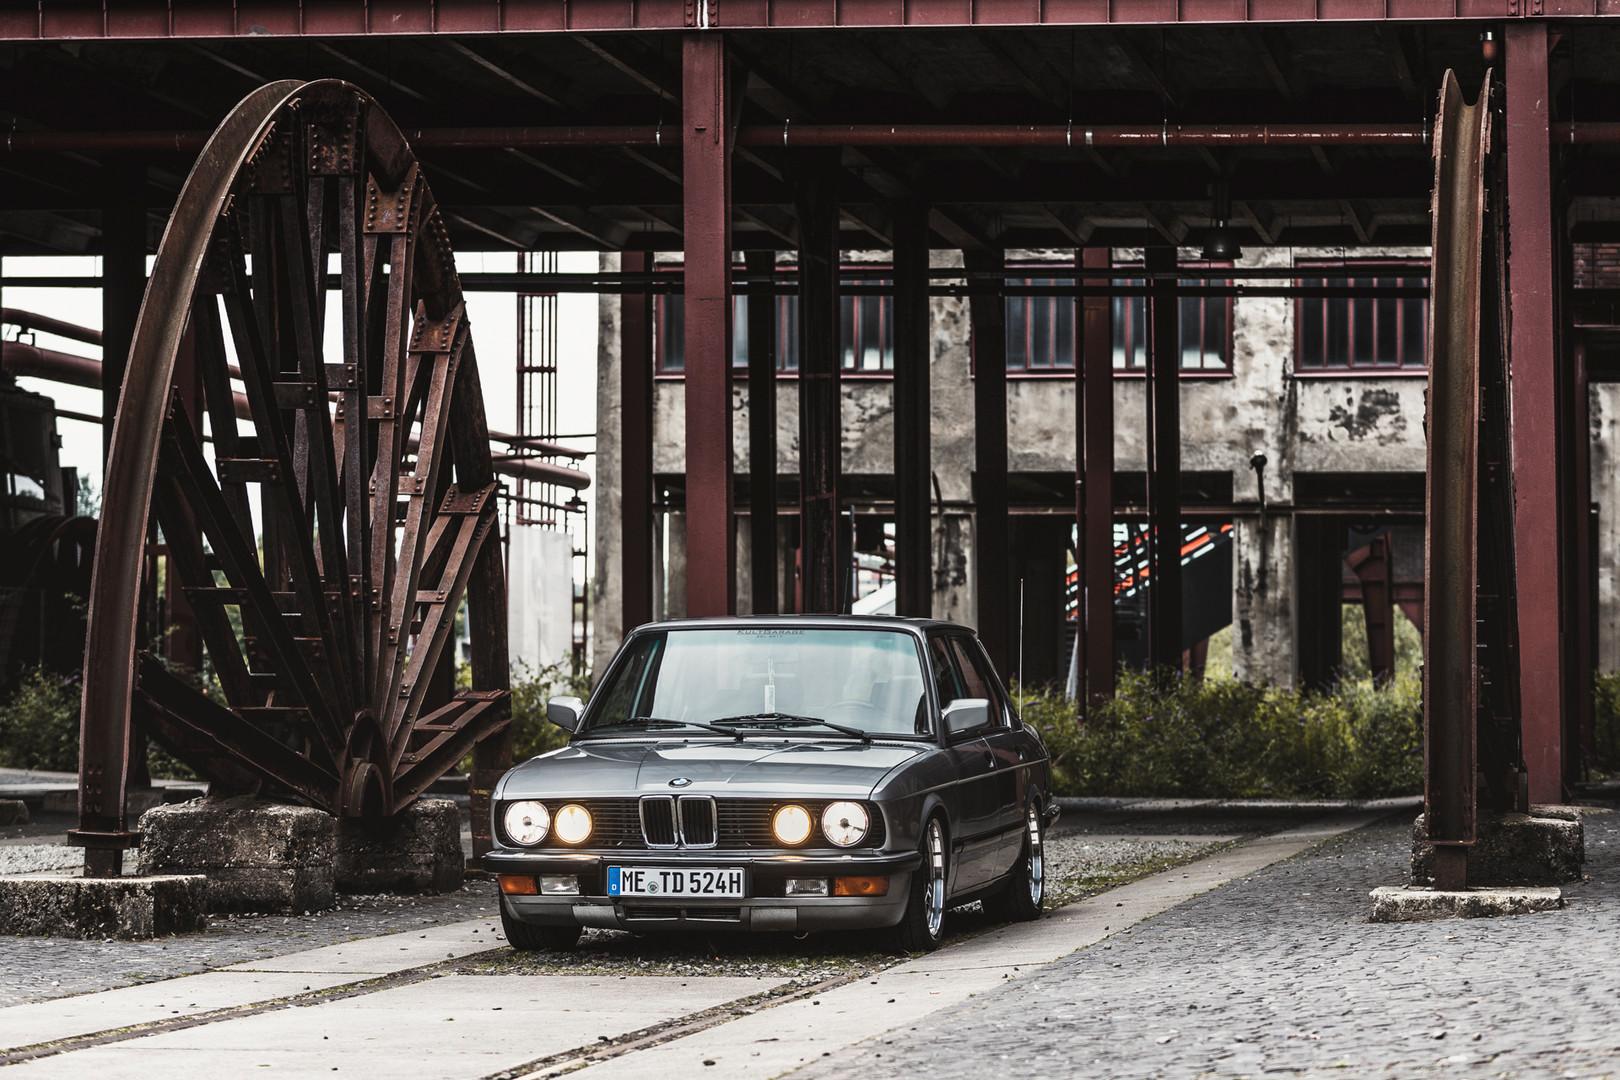 BMW E28 - Zeche Zollverein / Essen